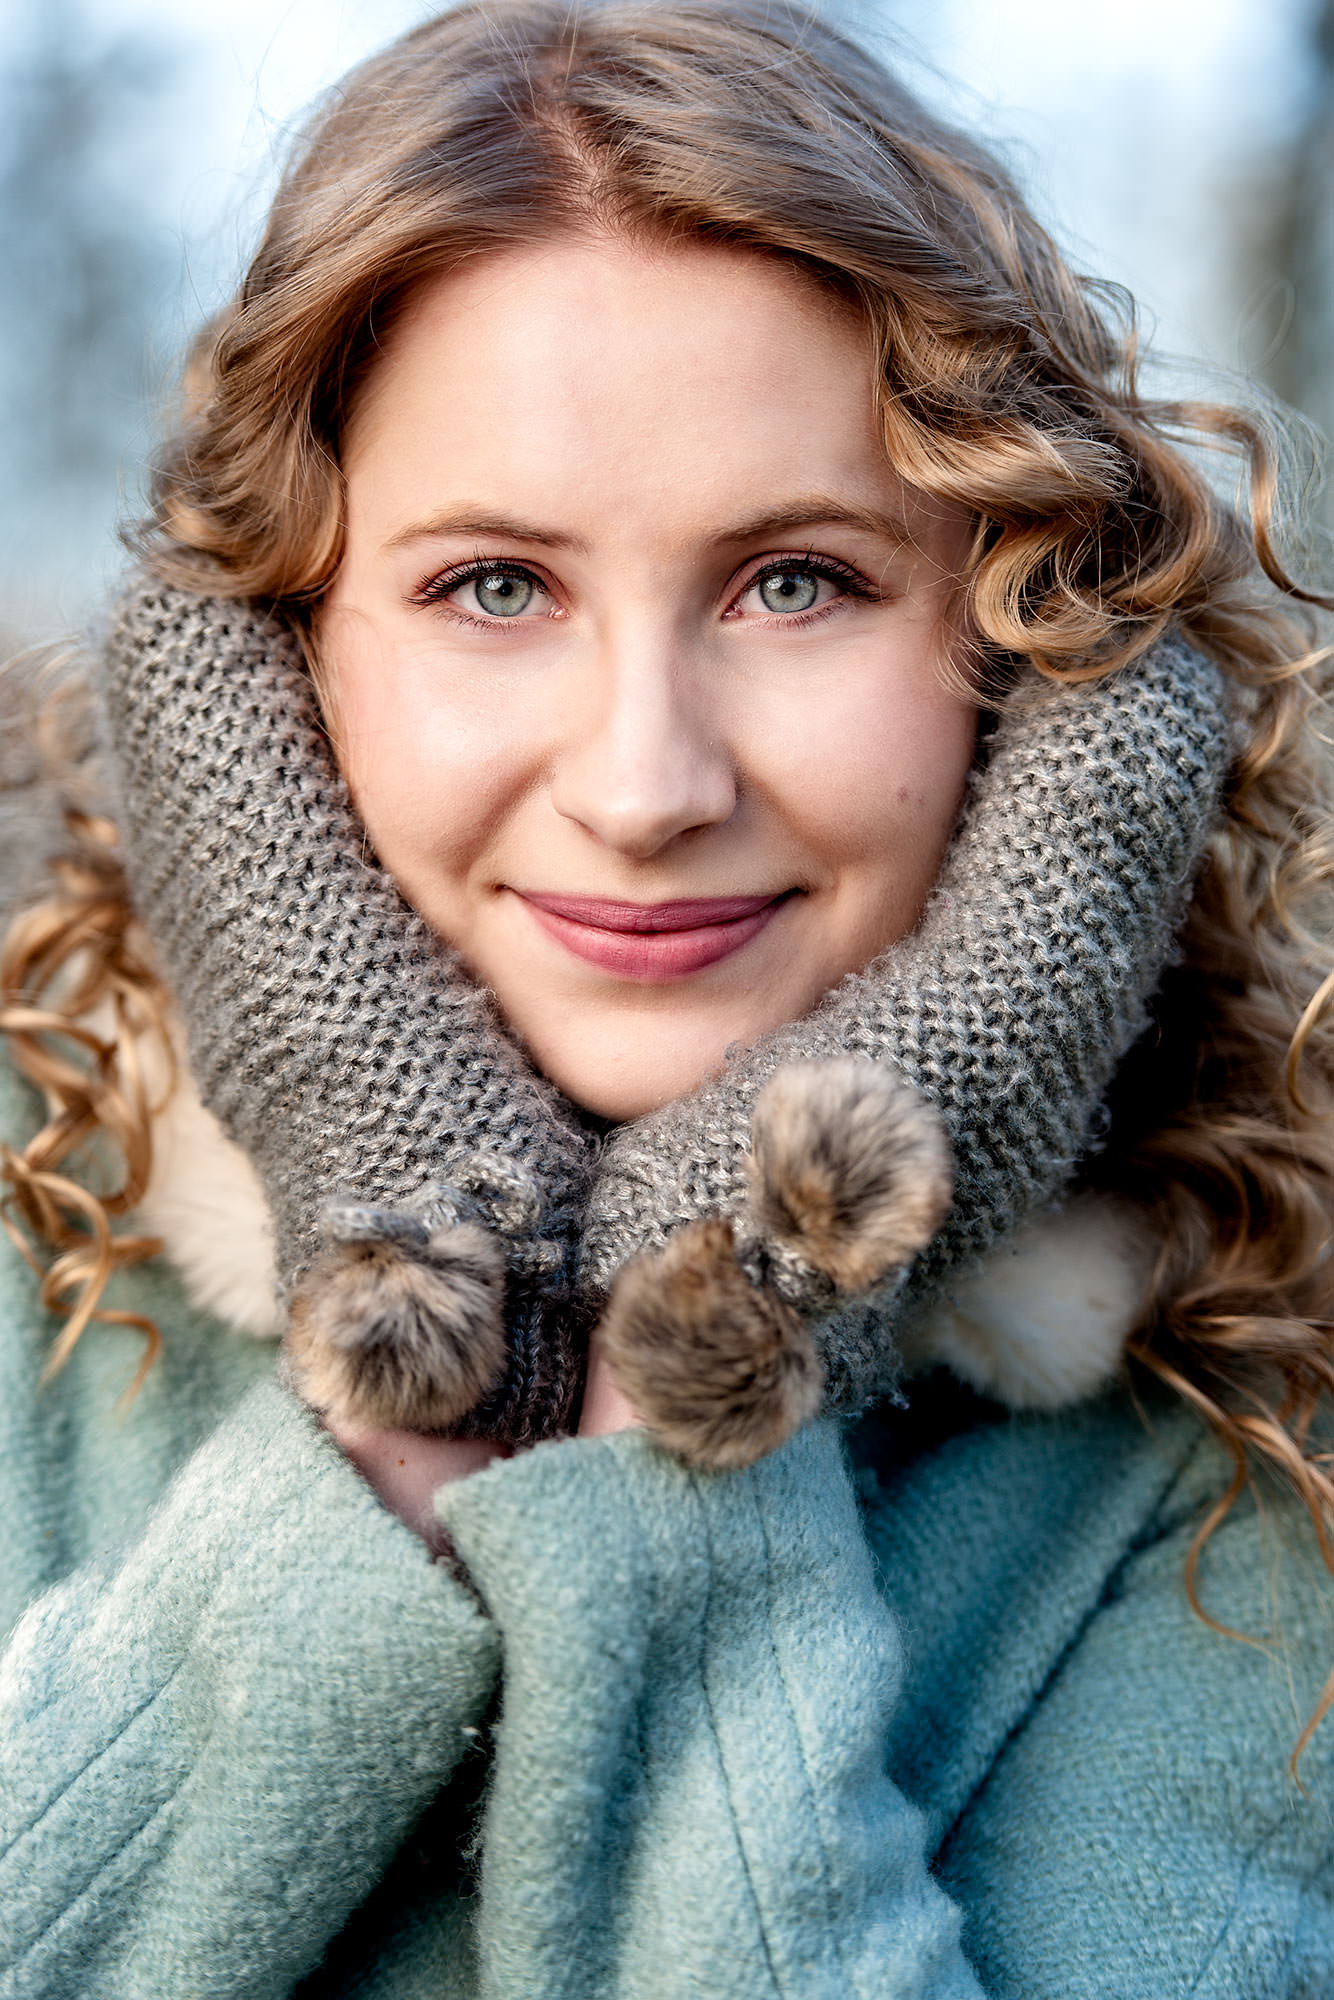 fotograf-porsgrunn-skien-grenland-dag-frogner-christine